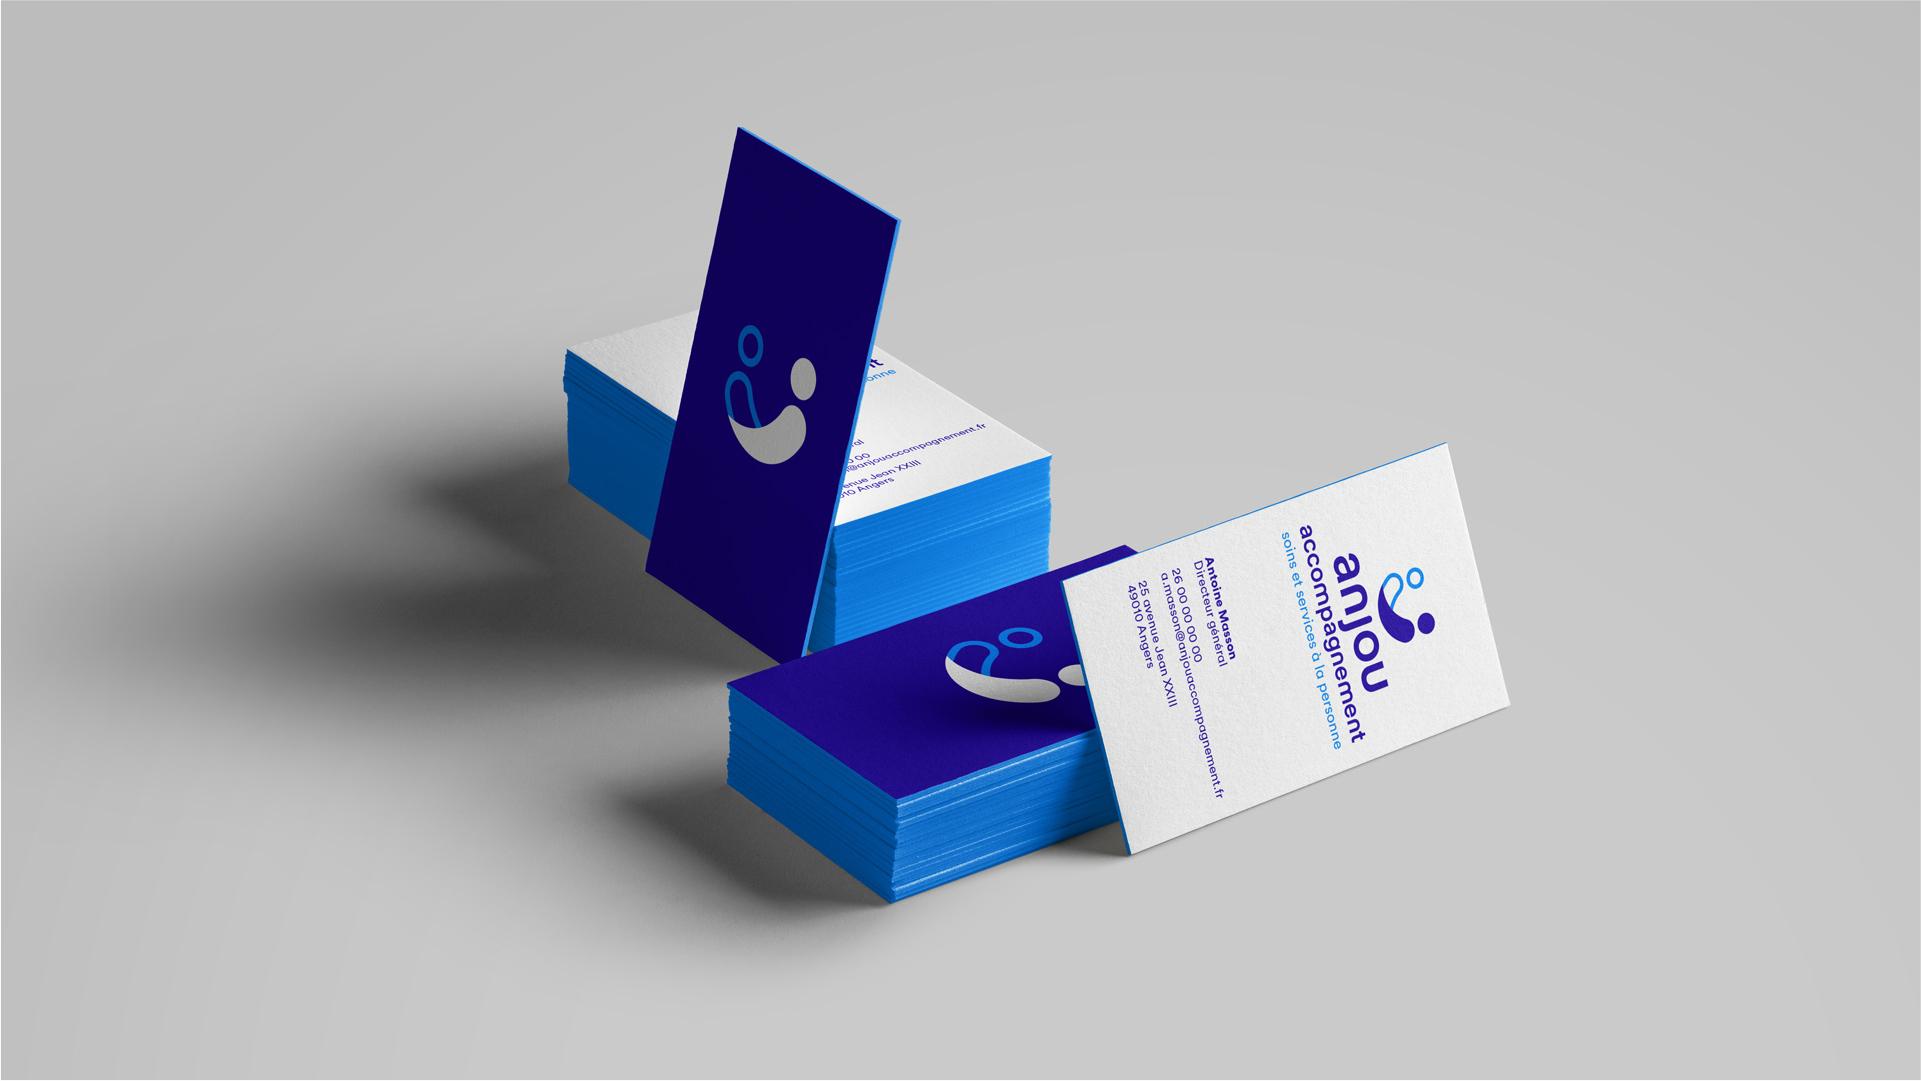 Anjou Accompagnement Association Identite Visuelle Carte Visite Papeterie Charte Graphique